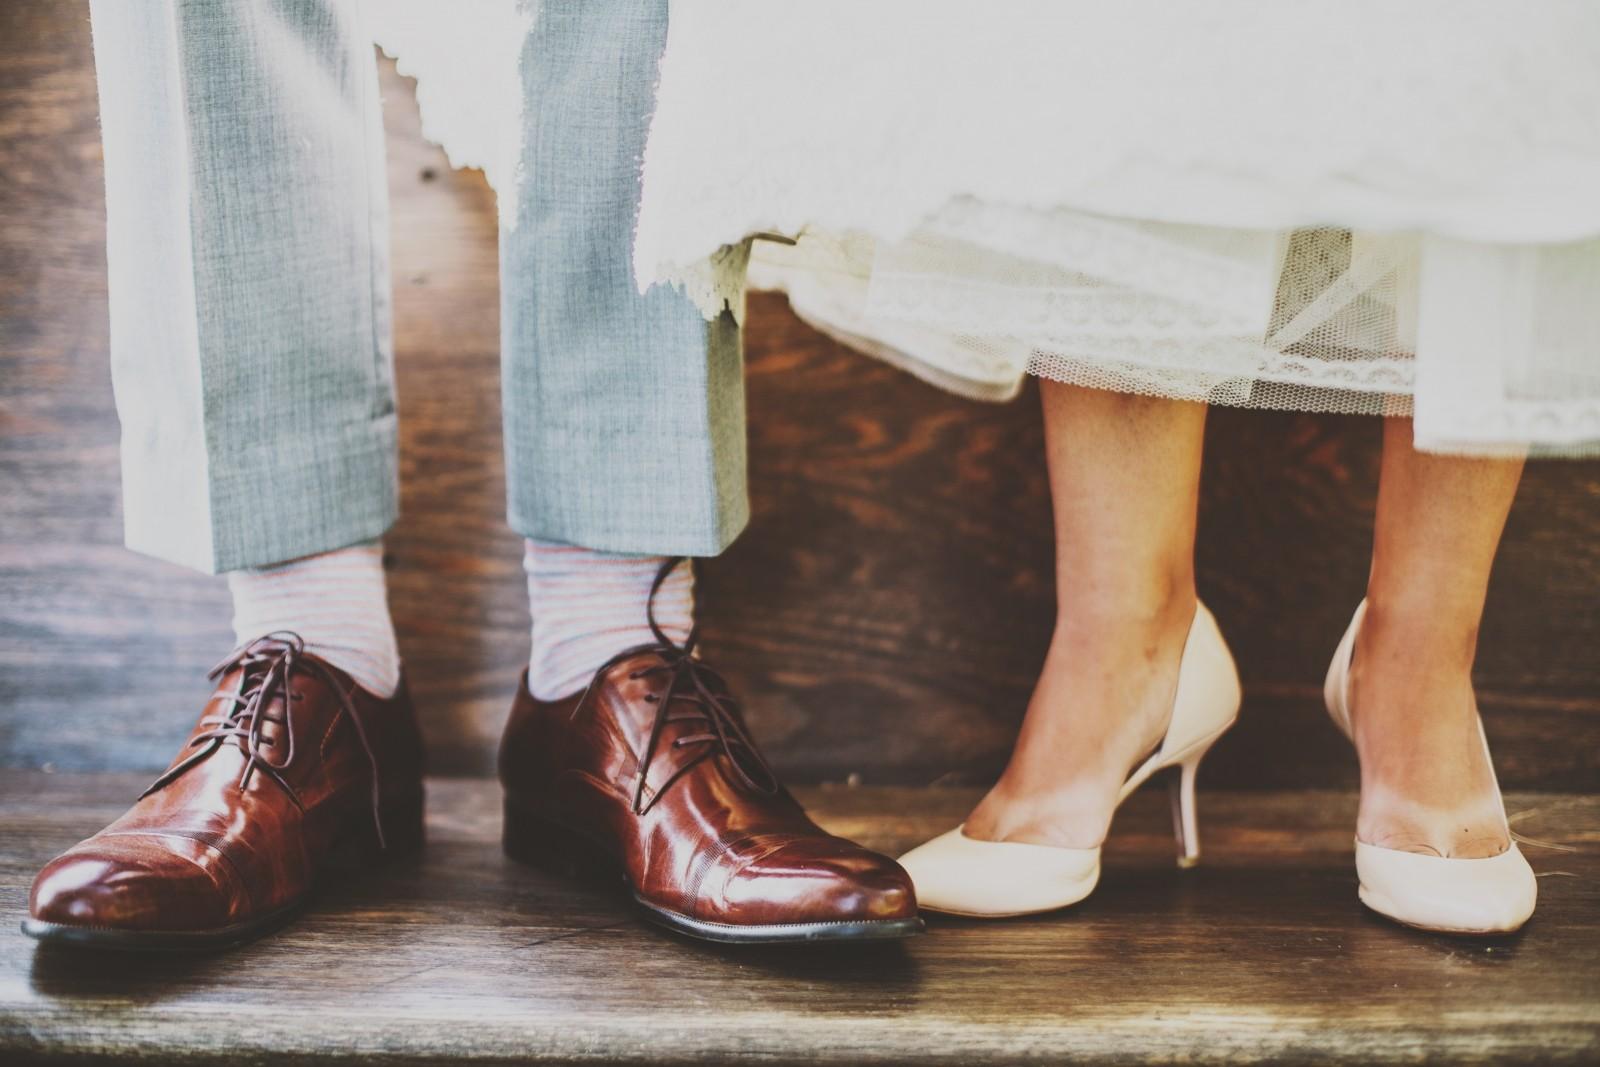 leg-groomed-shoes